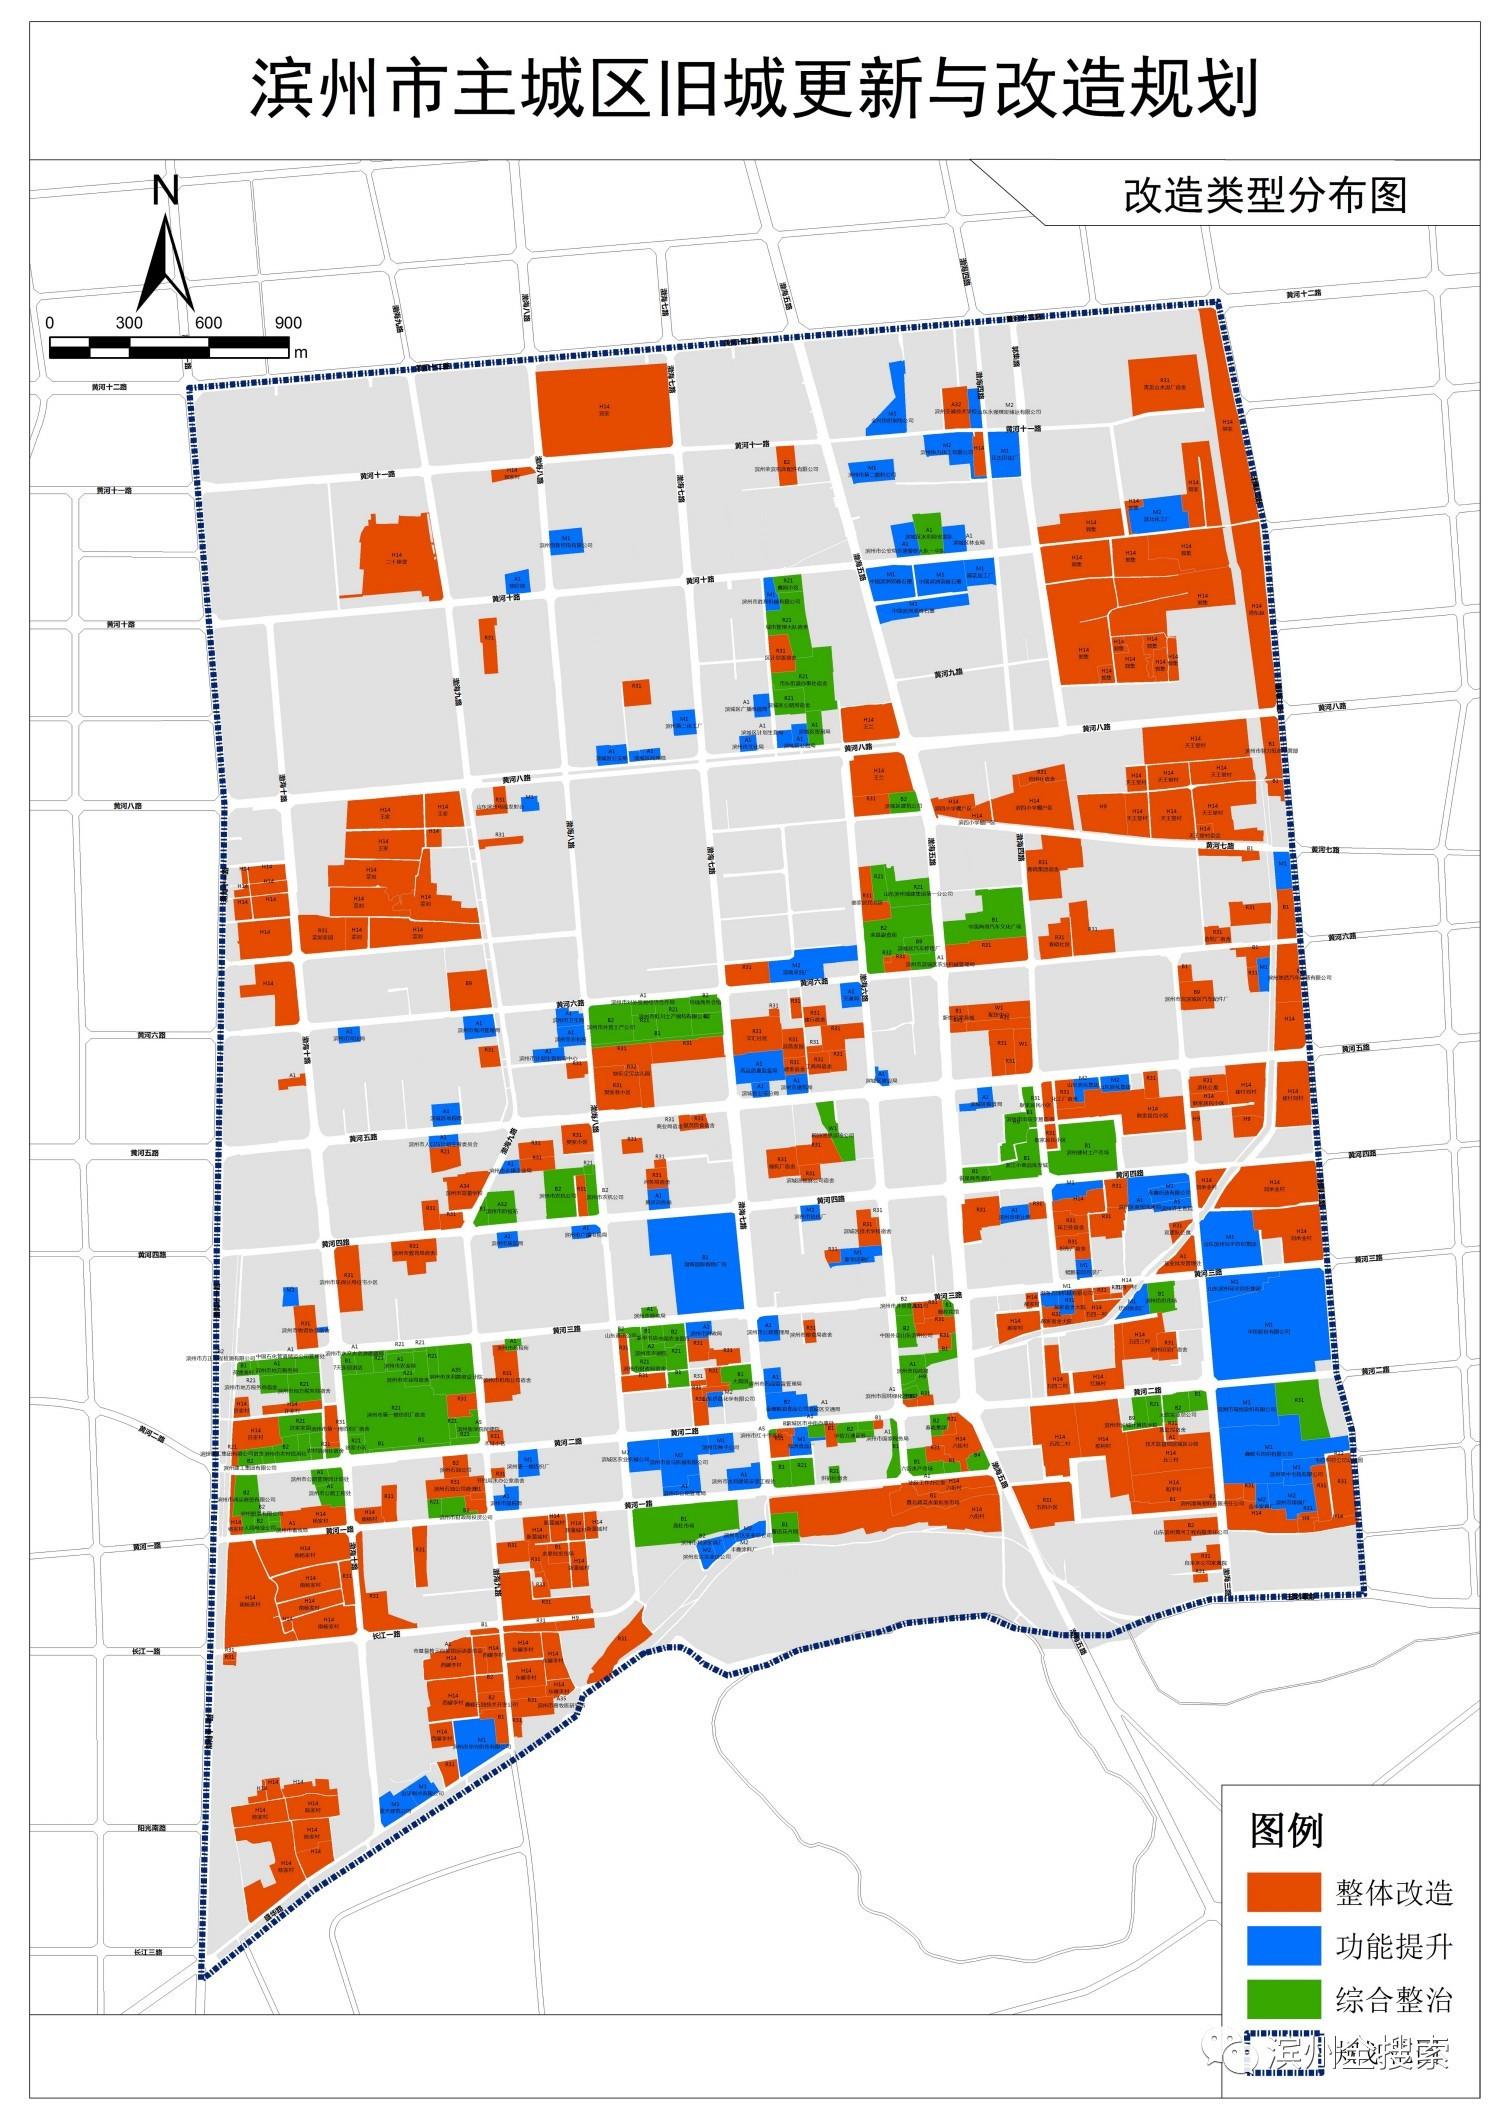 楚雄市城区市政规划图